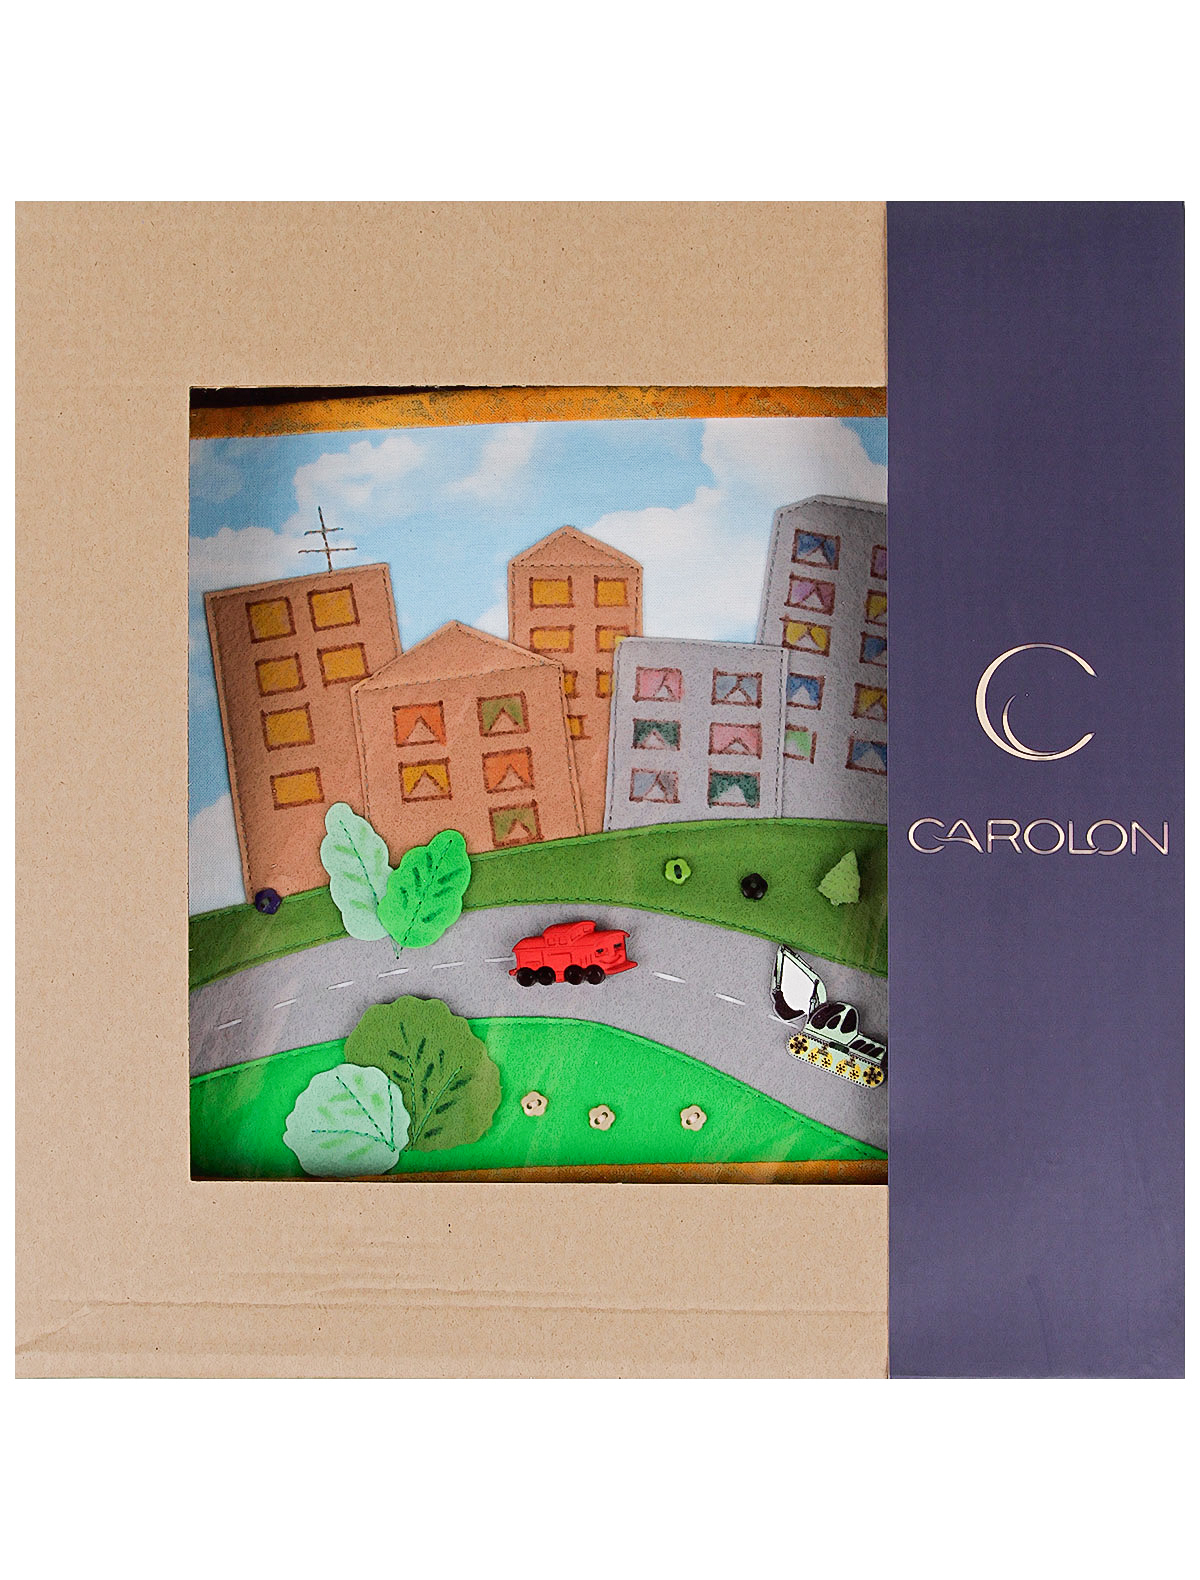 Купить 2213853, Игрушка мягкая Carolon, разноцветный, 7124520070442